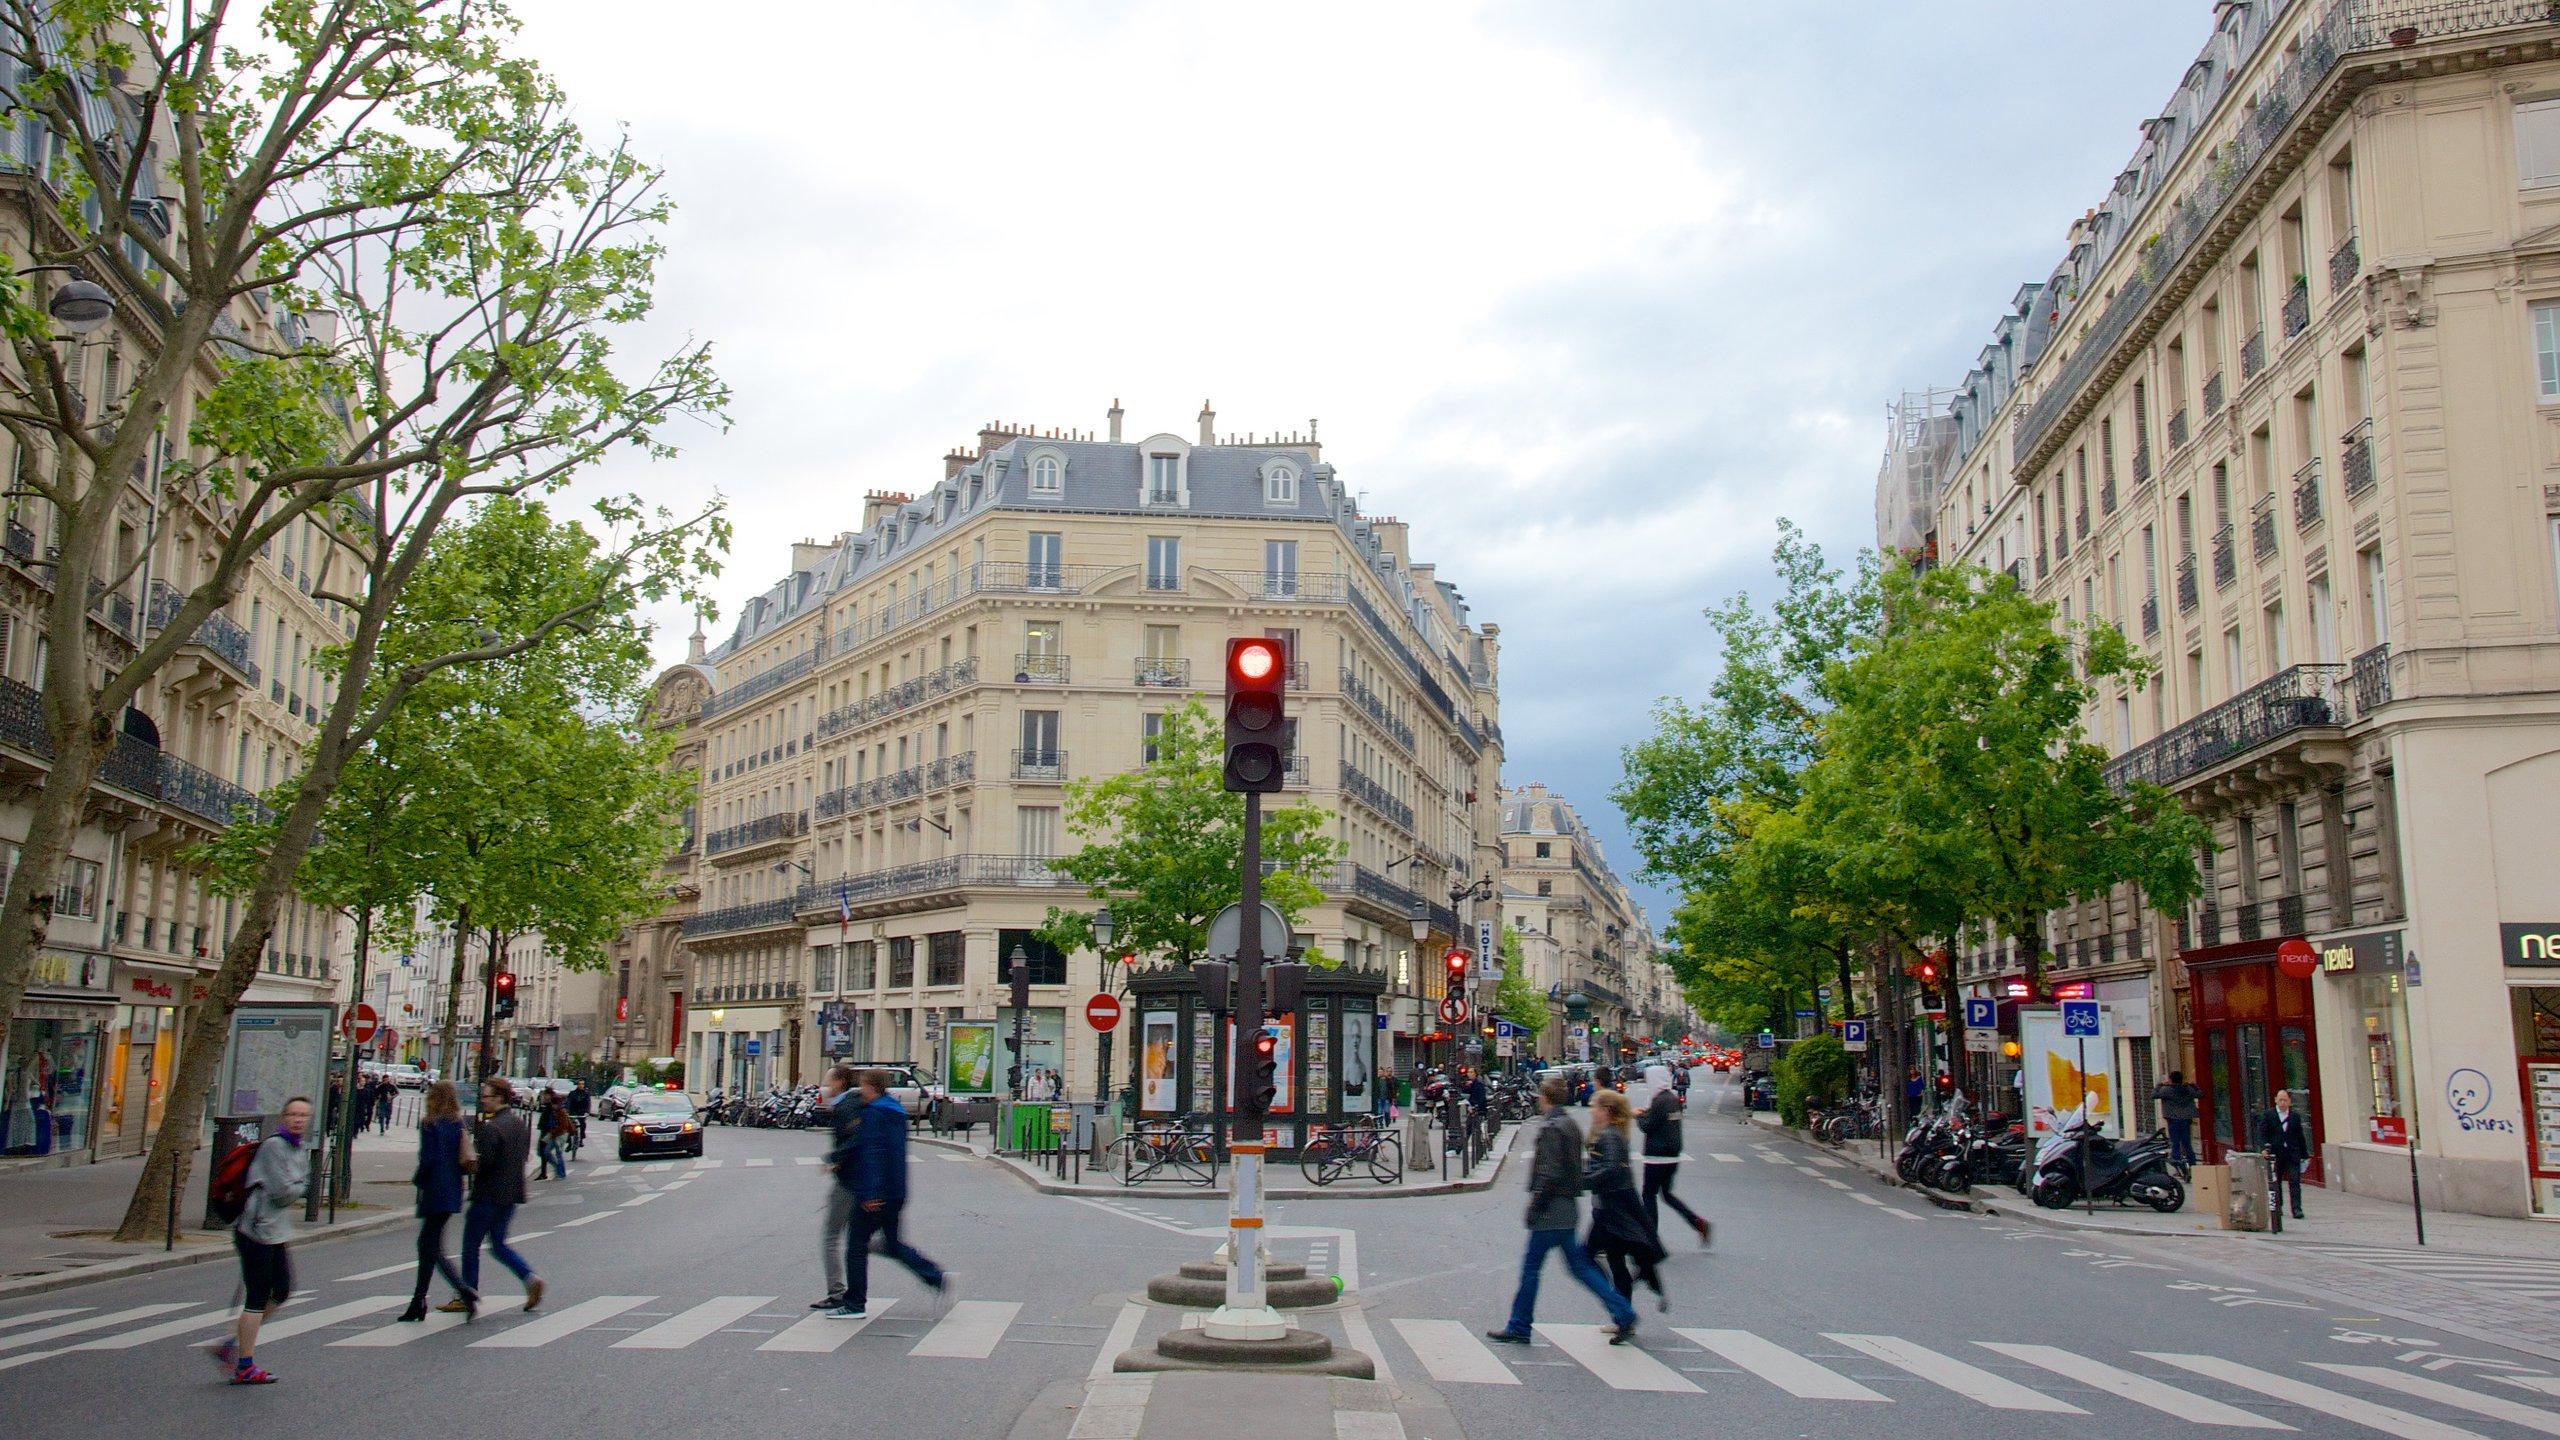 3rd arrondissement of Paris